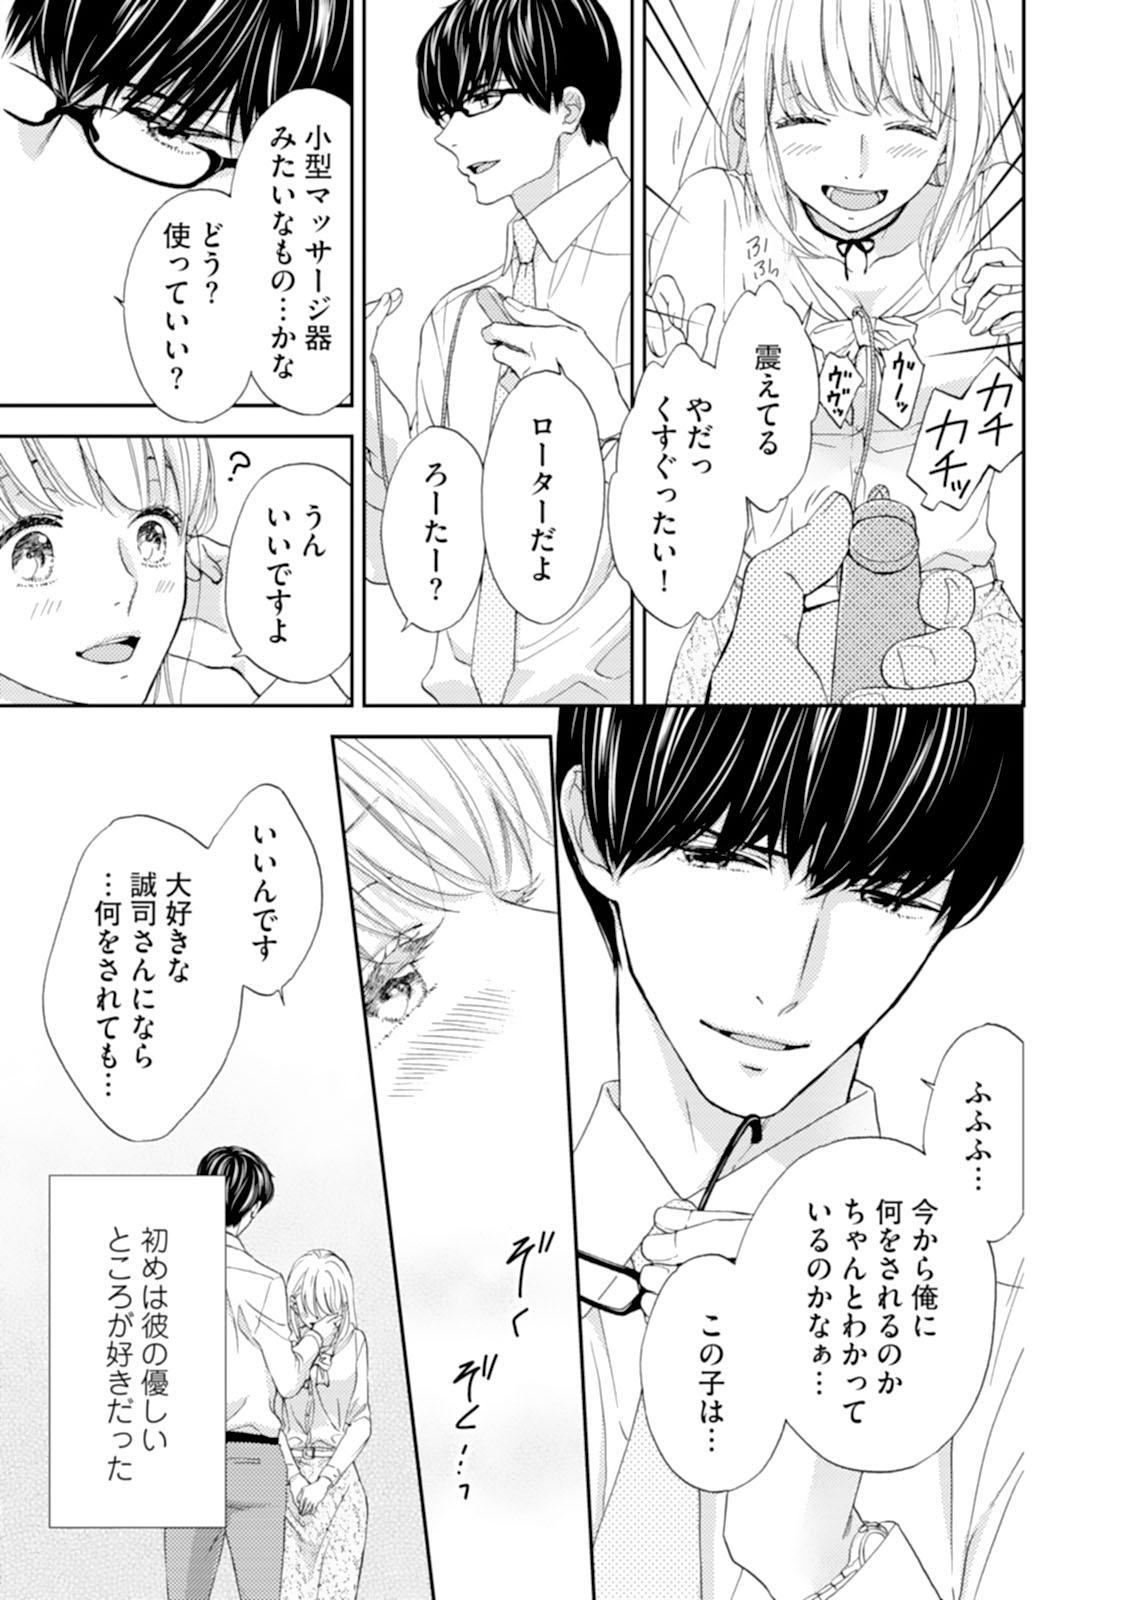 [Adumi Yuu] Choukyou-kei Danshi Ookami-sama to Koneko-chan Ch. 1-3 68